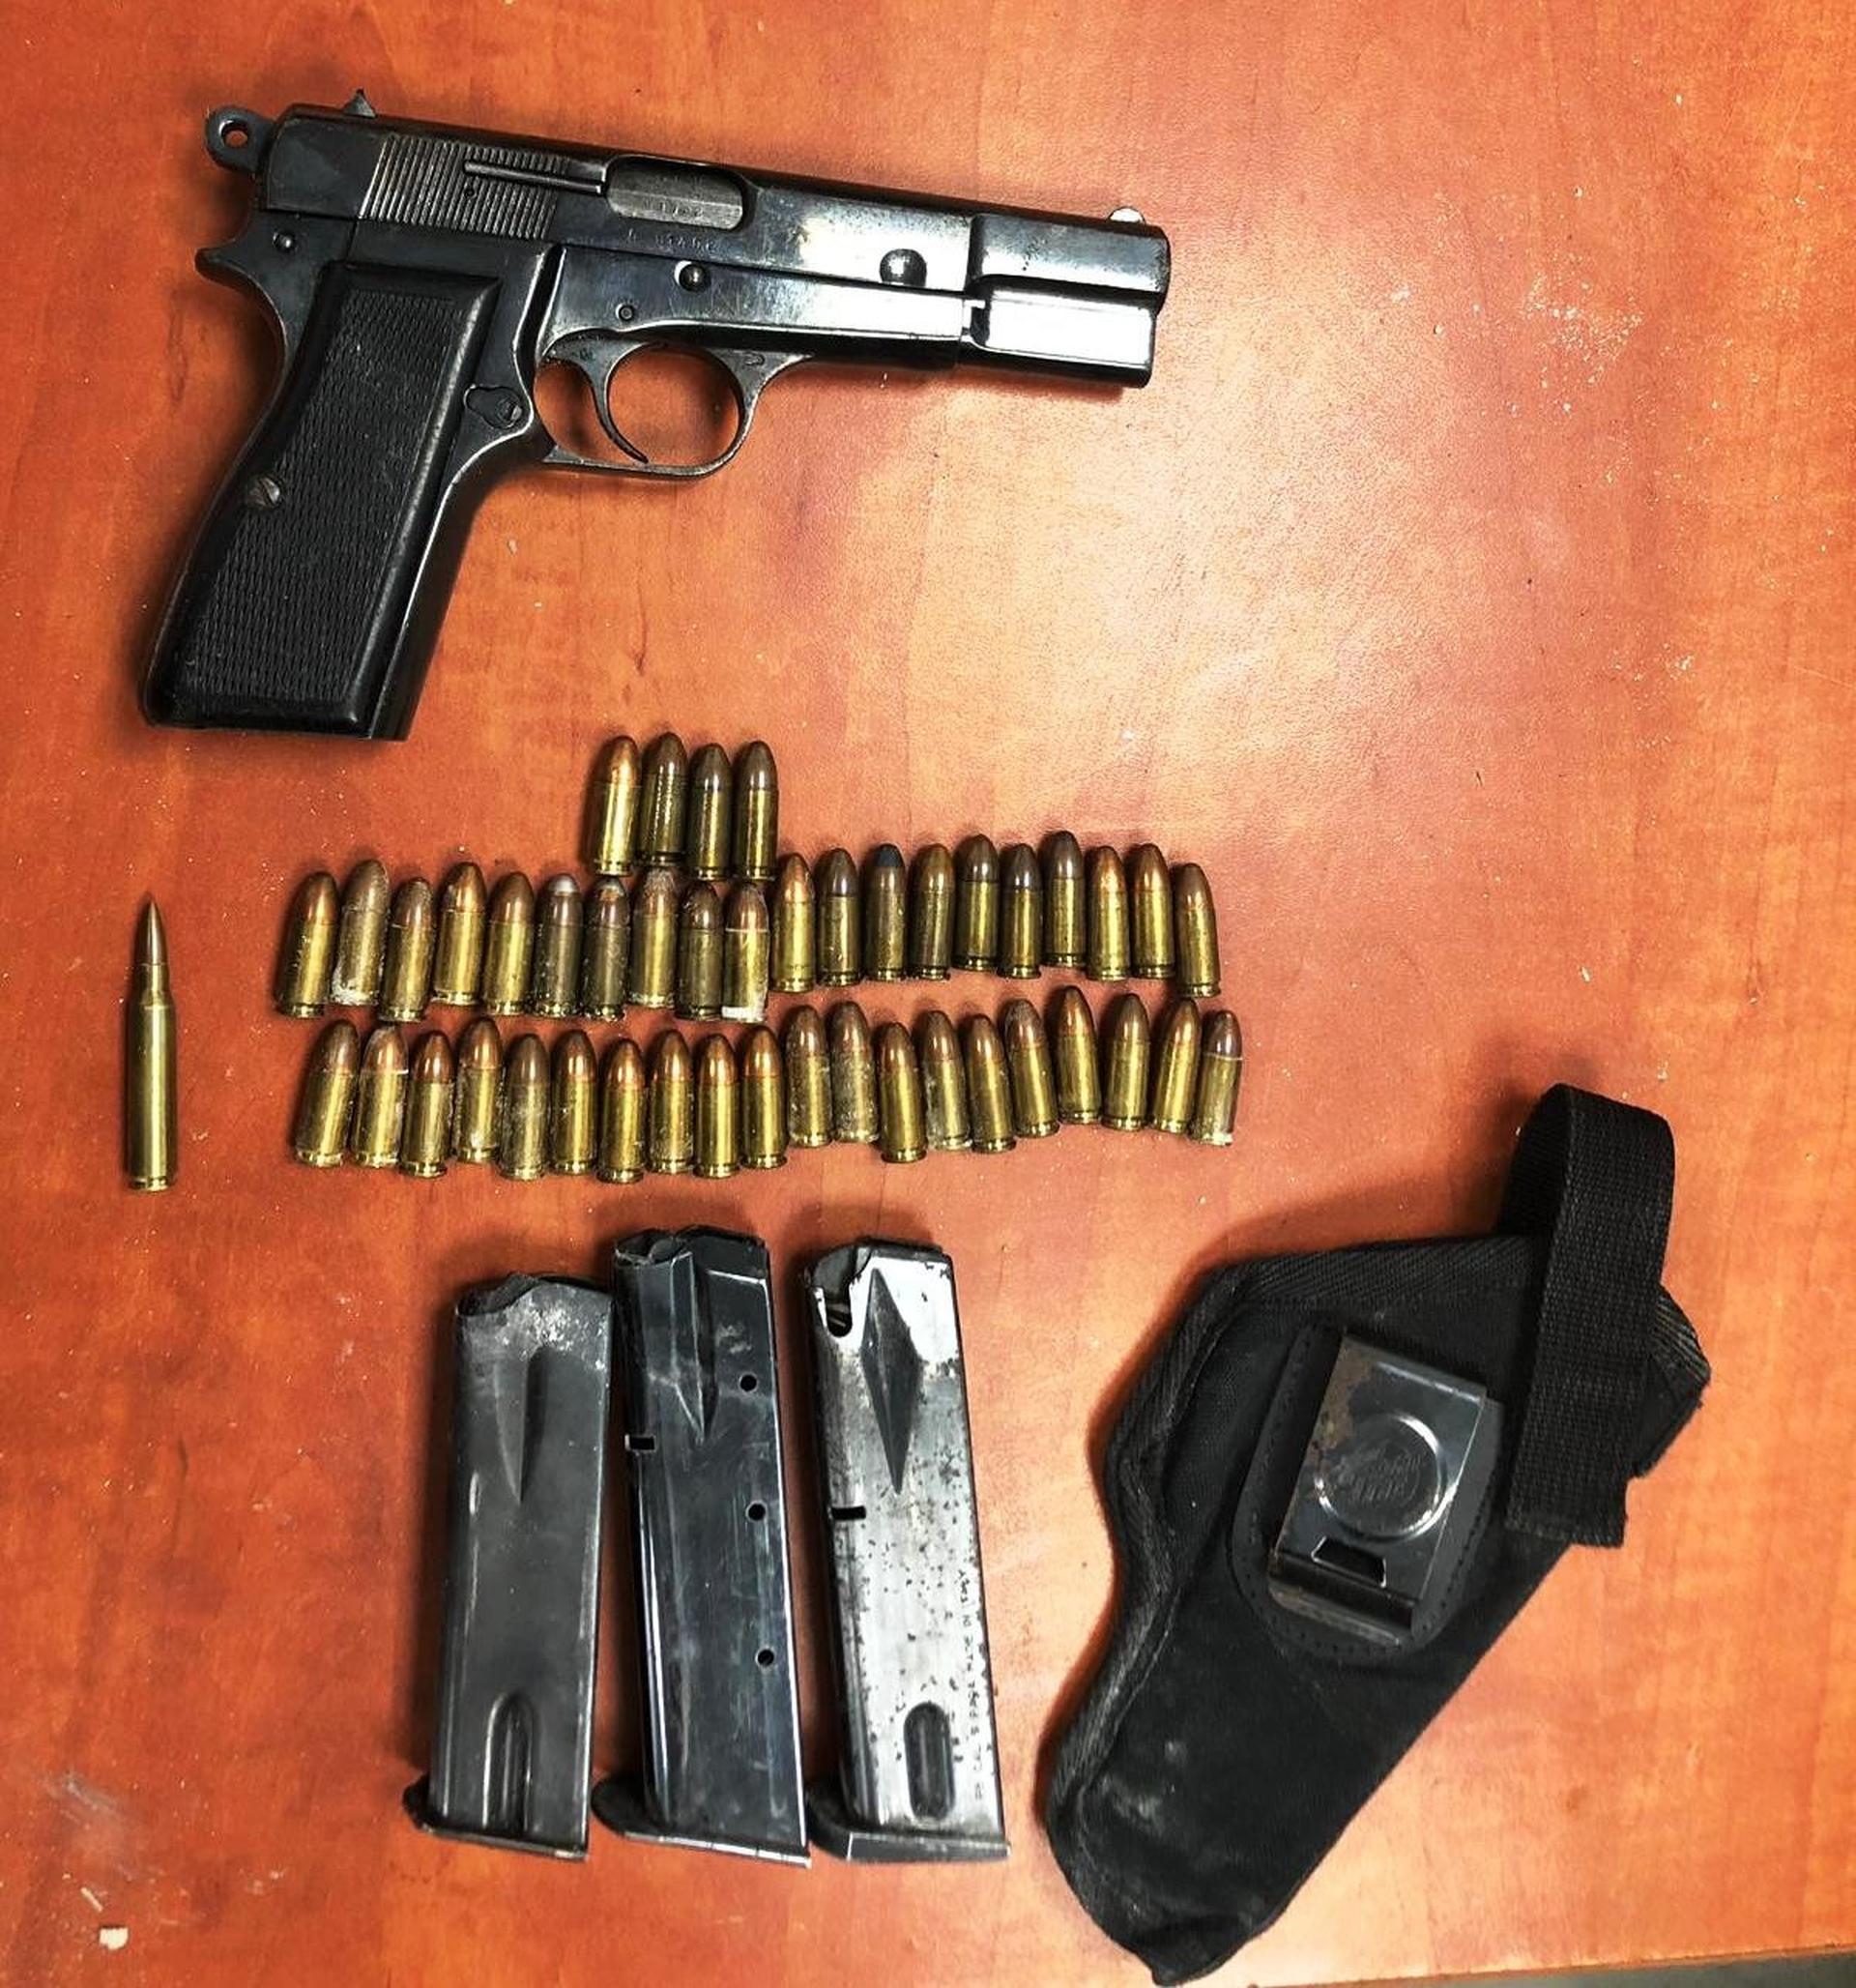 אקדח בצוריף. צילום: דוברות משטרת ישראל